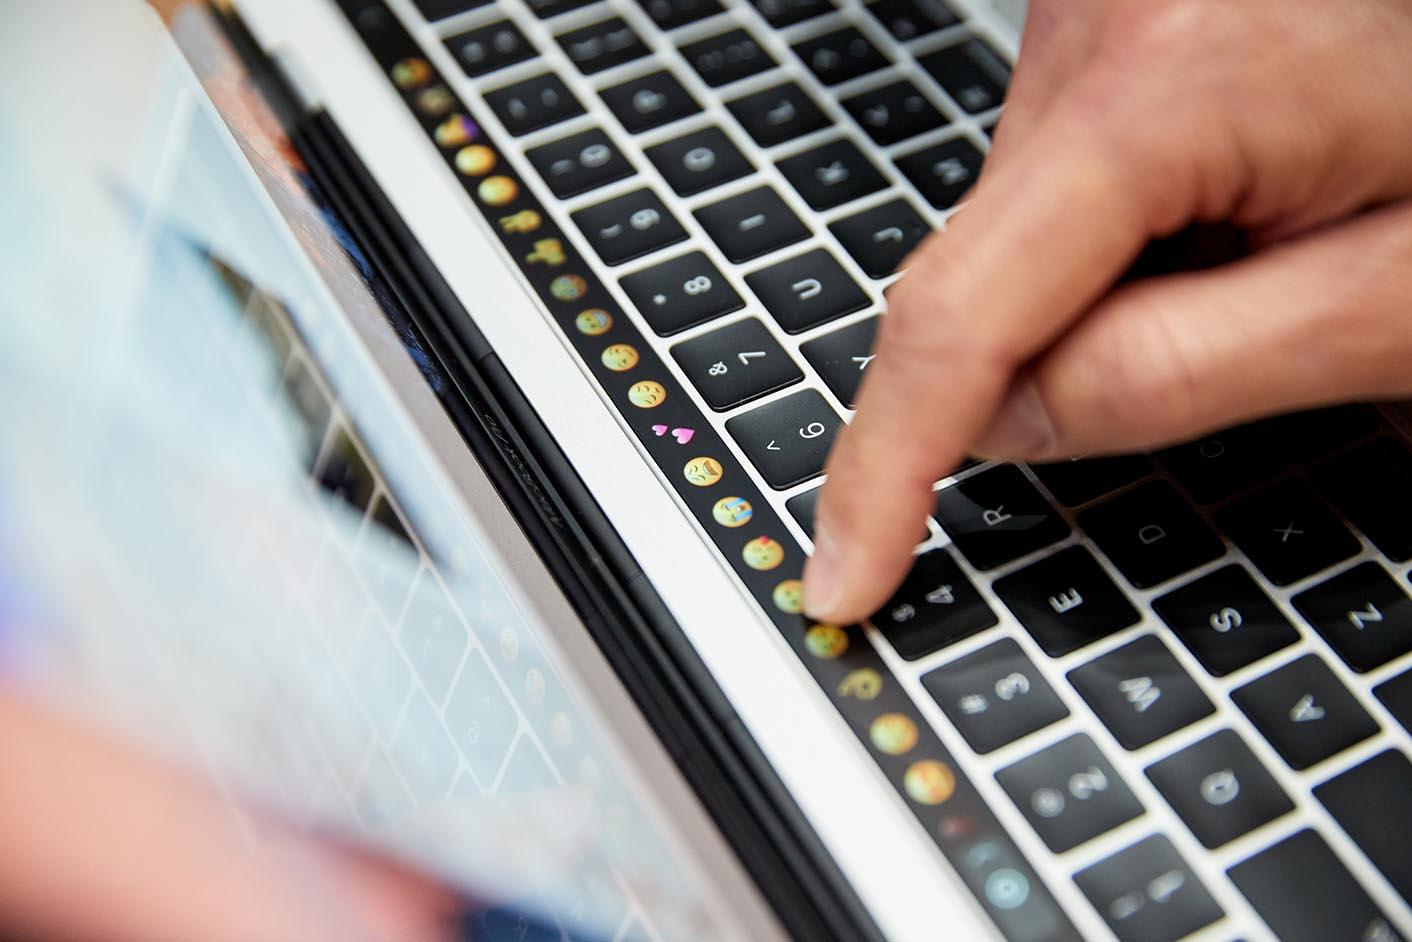 Phil Schiller MacBook Pro 2016